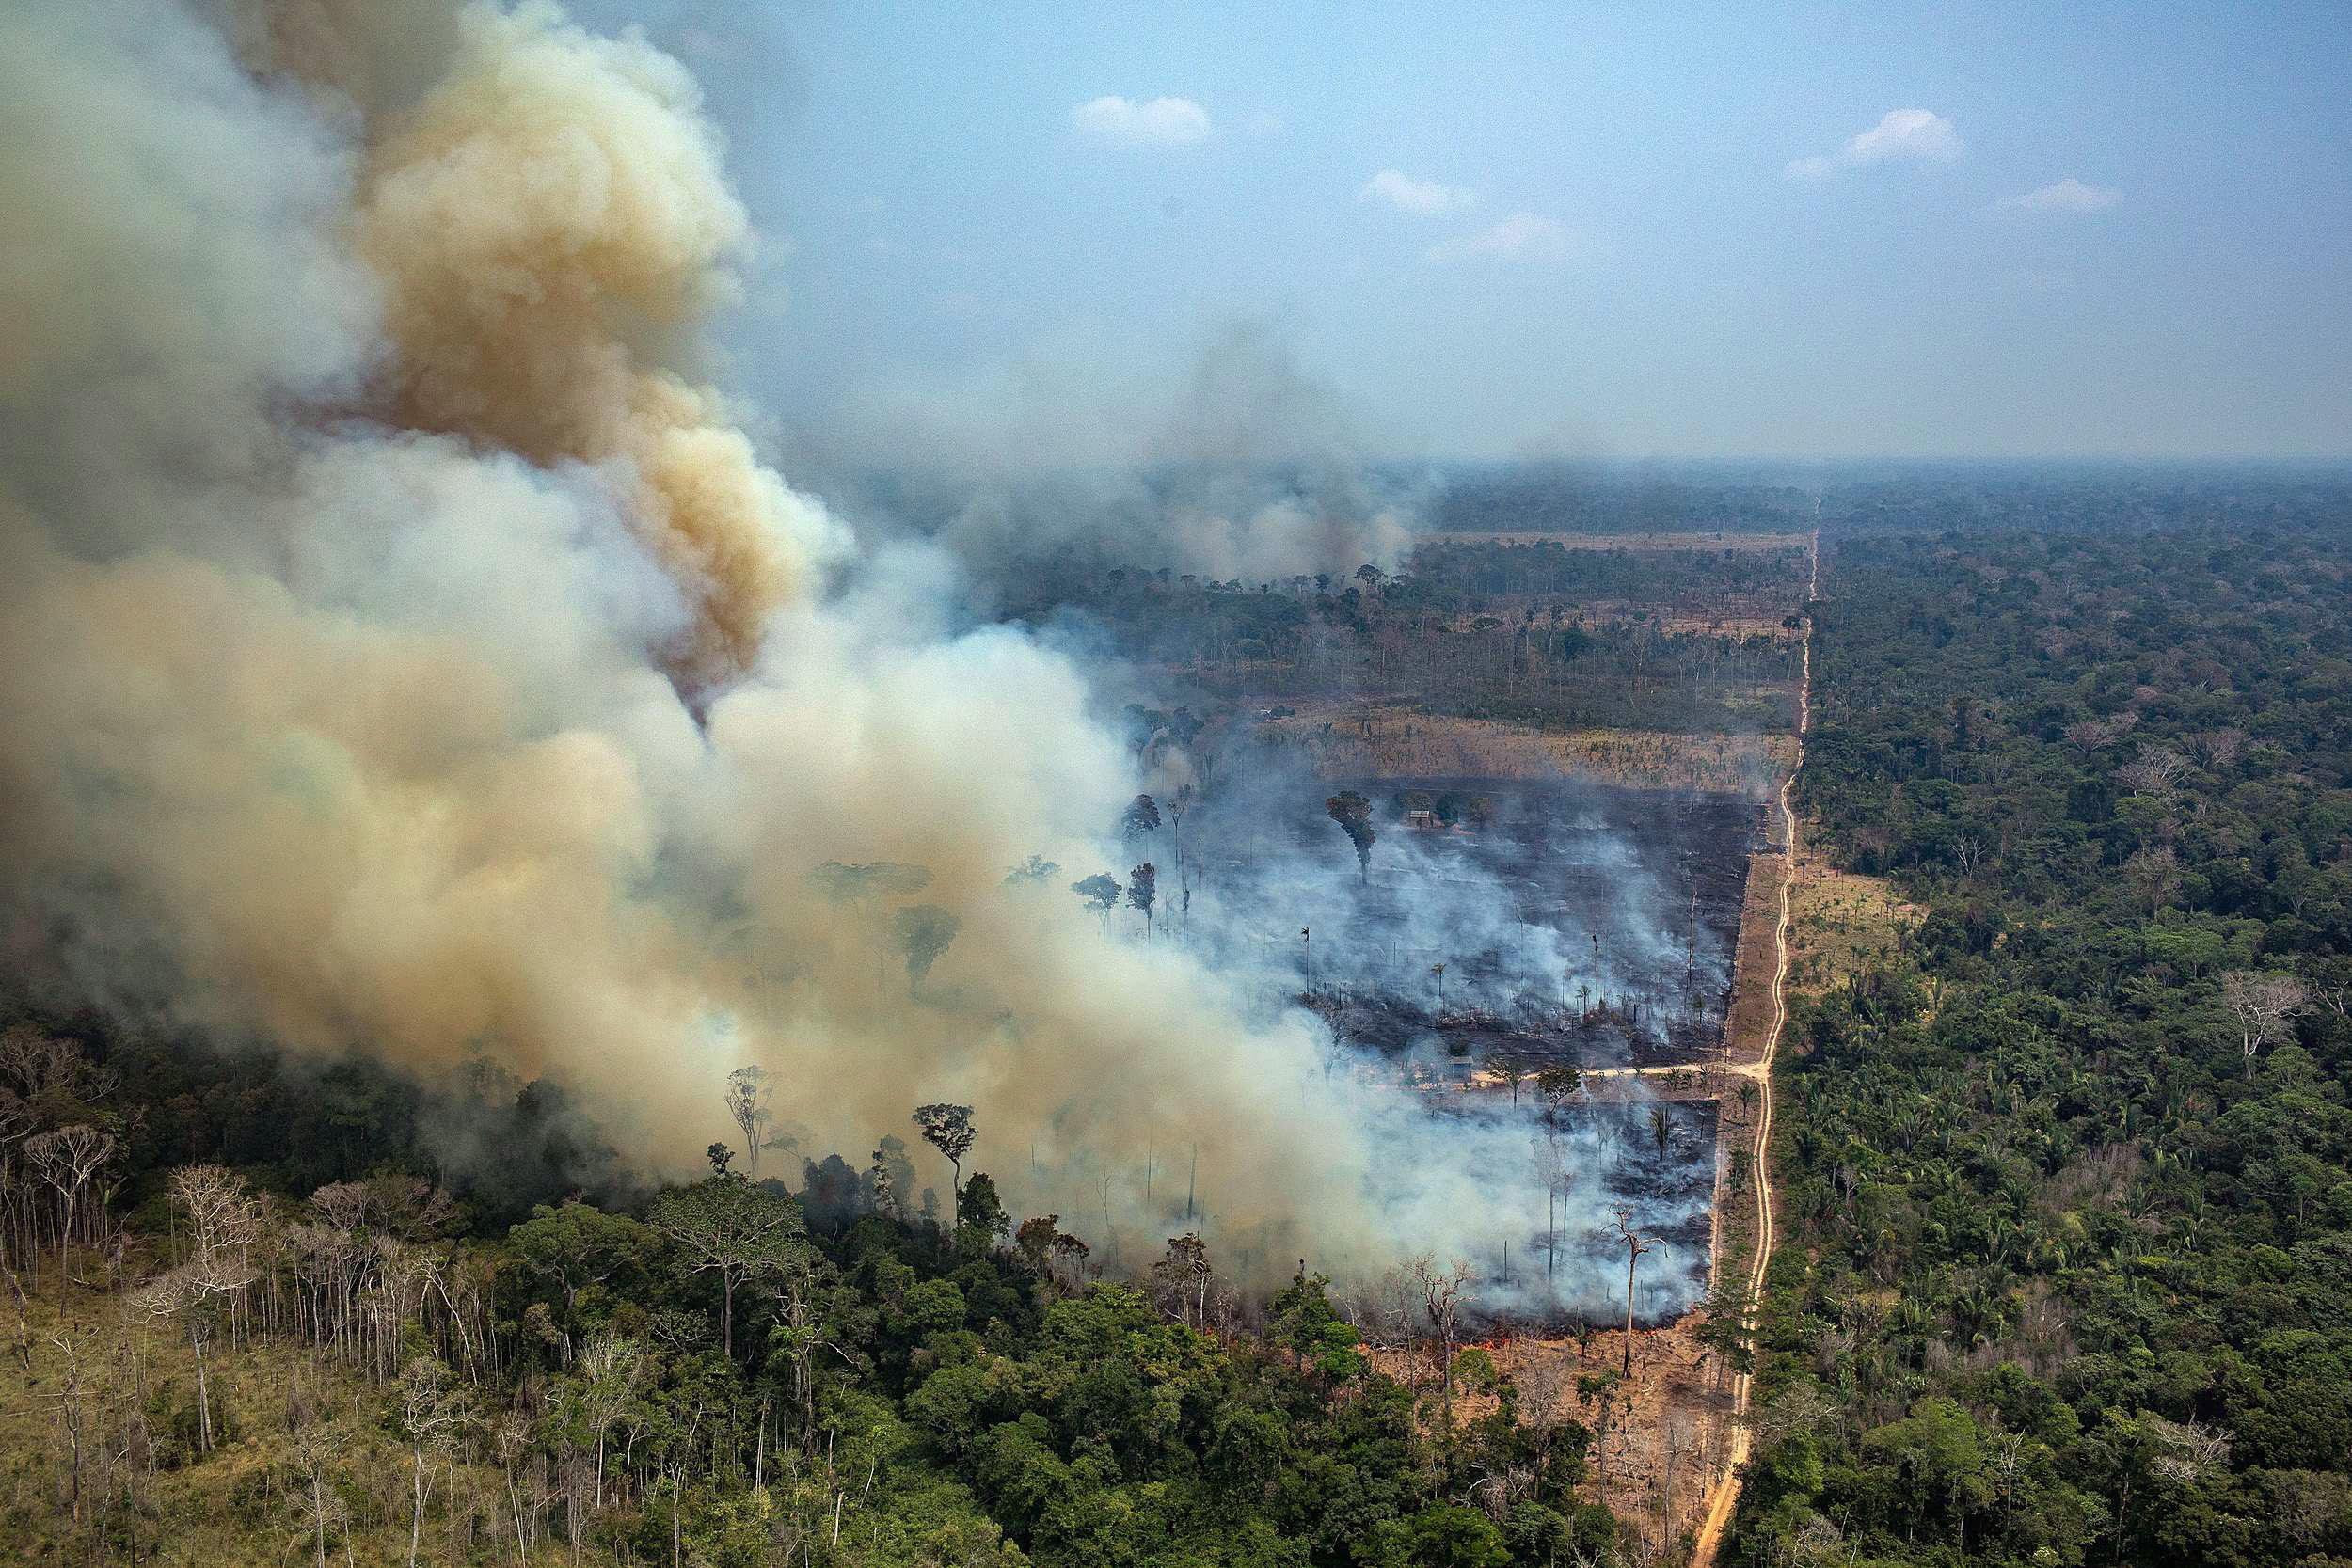 Никога преди в амазонската джунгла не са горели толкова много пожари. Броят им в момента е над 2500. Едва днес правителството на Бразилия заповяда на армията да се включи в гасенето на огъня.